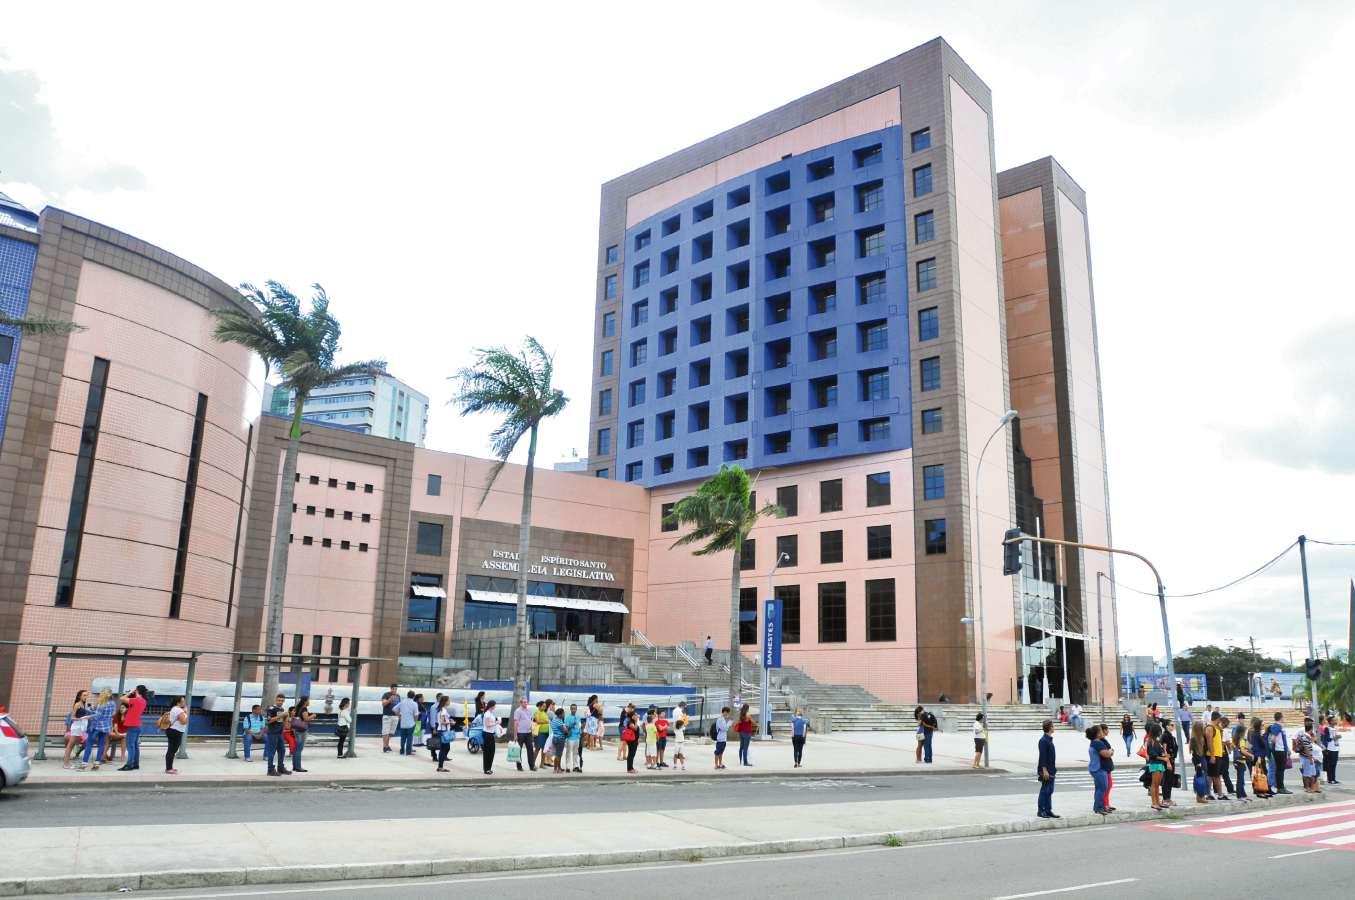 Sessão para escolha do conselheiro será realizada na Assembleia Legislativa. Crédito: Marcelo Prest